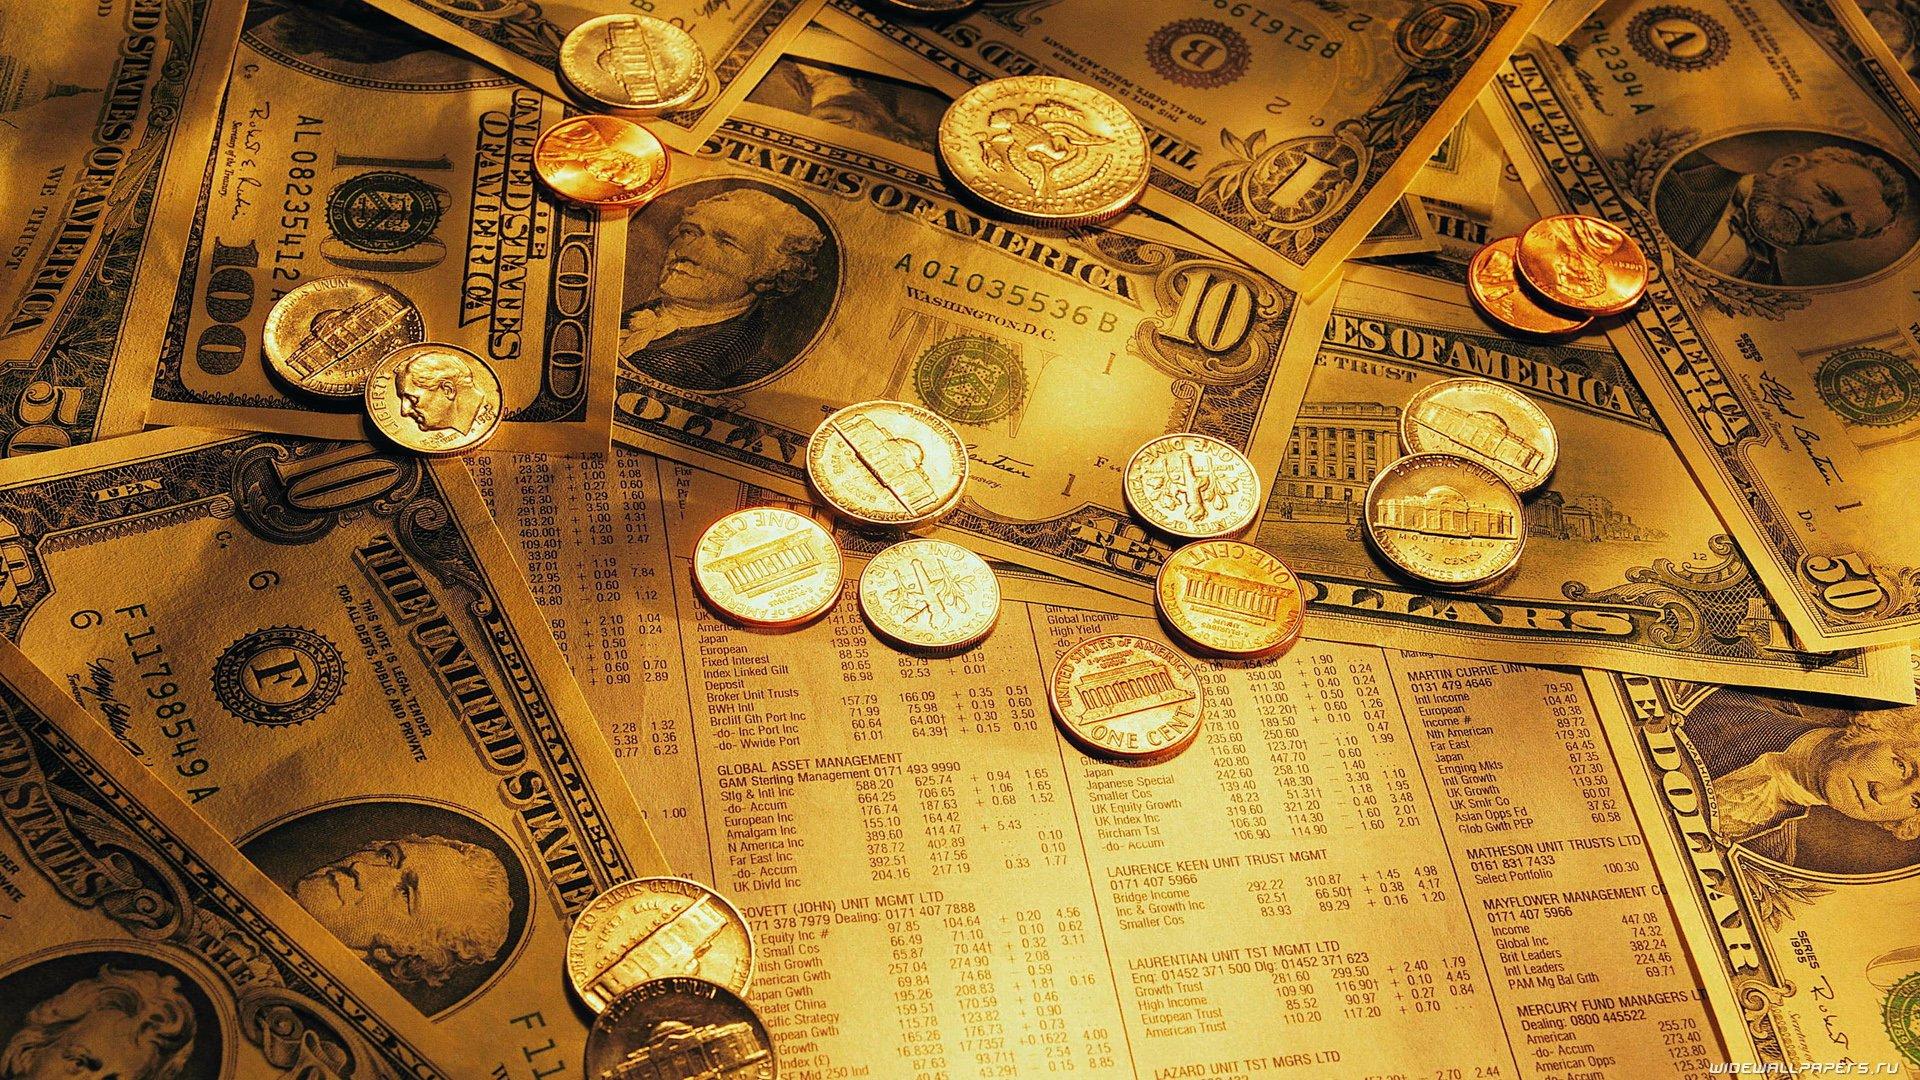 Картинки с изображением денег и богатства